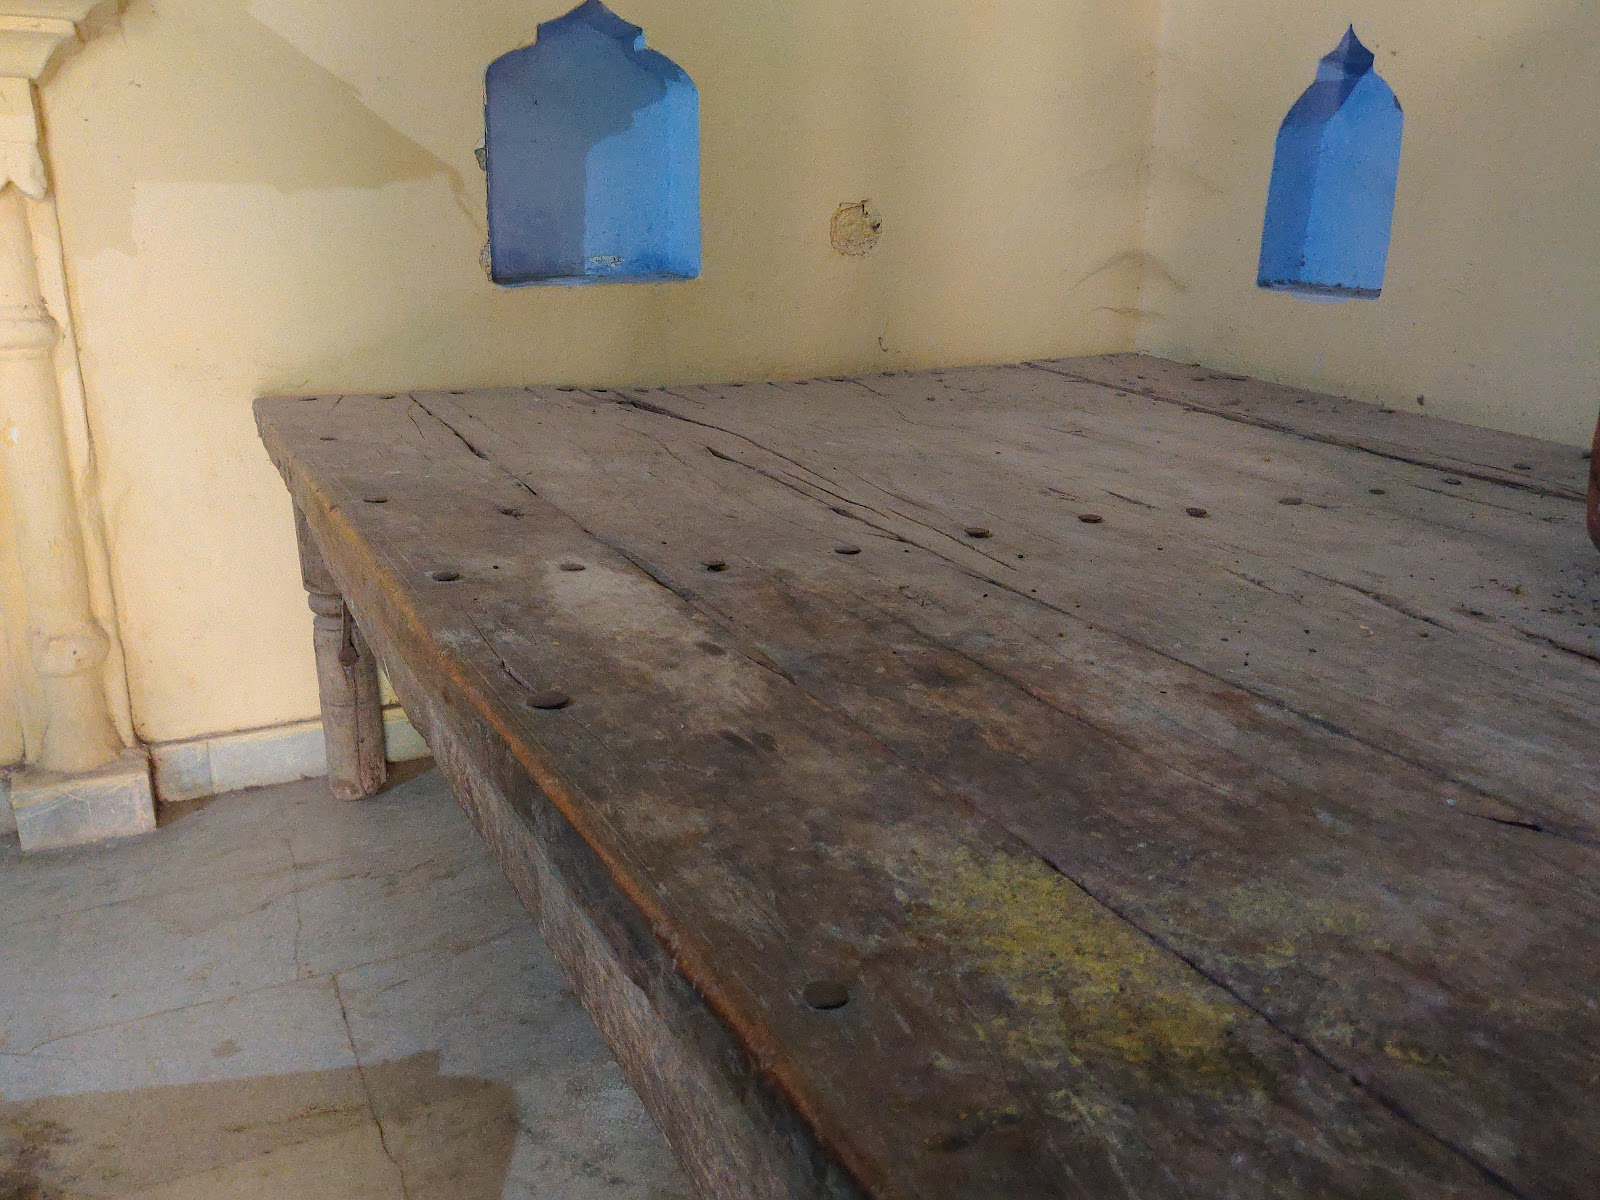 नीब करोरी बाबा के द्वारा लकड़ी से निर्मित पलंग